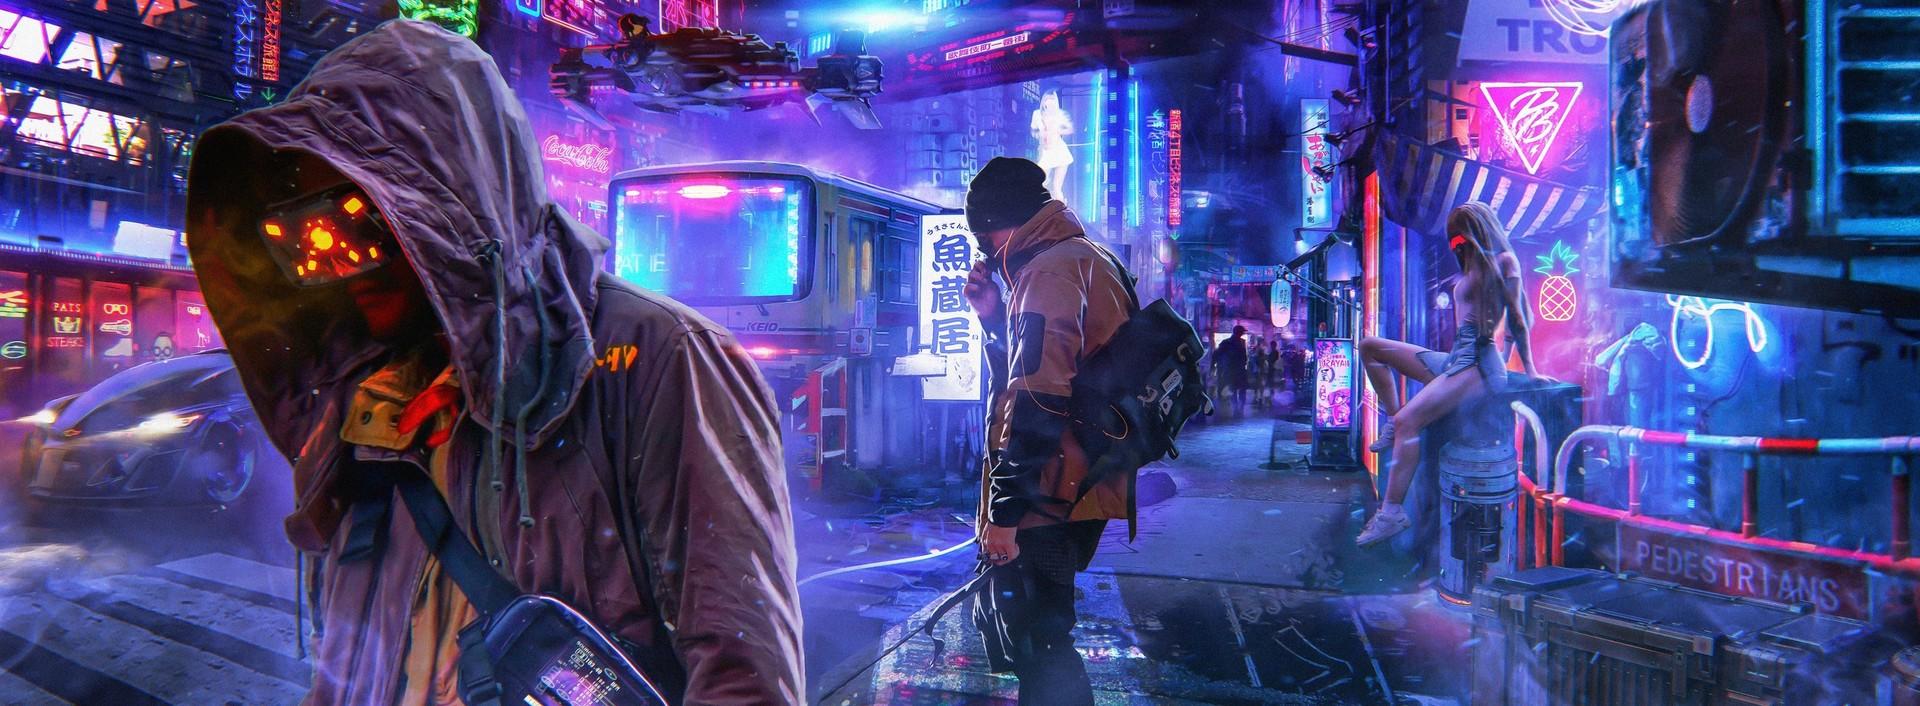 quxlcxtyi - Cyberpunk 2077